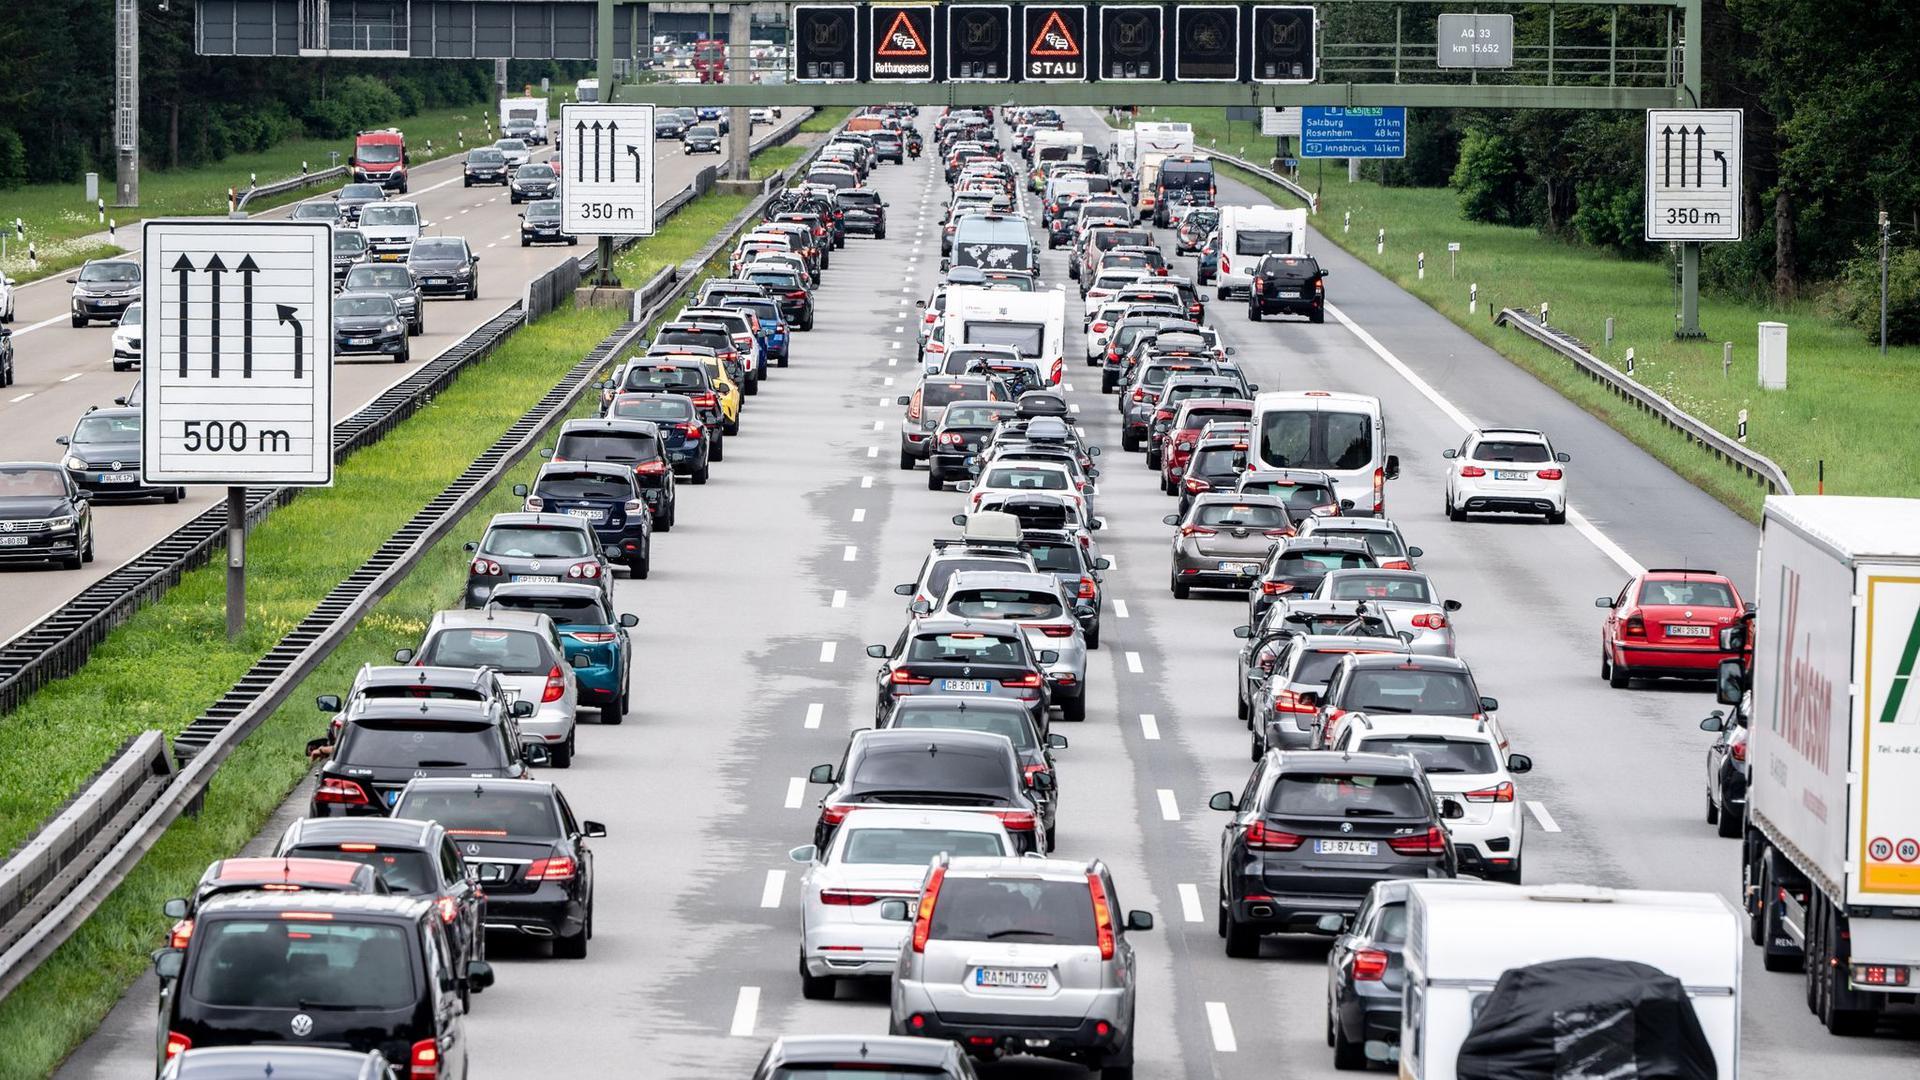 Sie soll über Staus, Unfälle und Umleitungen informieren - doch im Google Play Store bekommt die neue Autobahn-App nur durchschnittlich 2,2 von 5 Punkten.